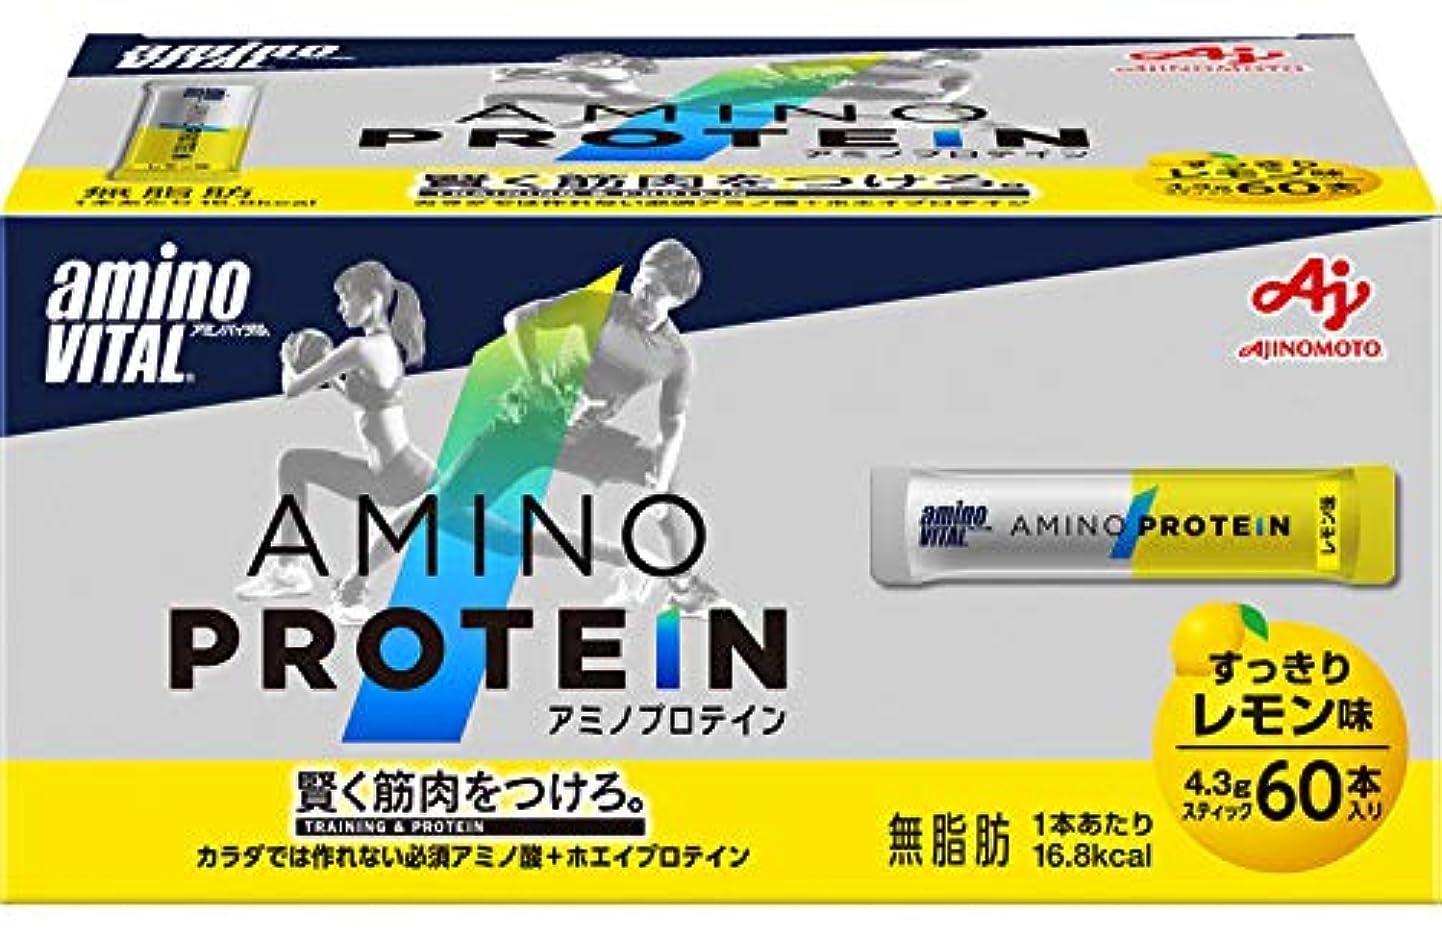 トランペット終わりボウリング「アミノバイタル」アミノプロテイン レモン味 60本入箱